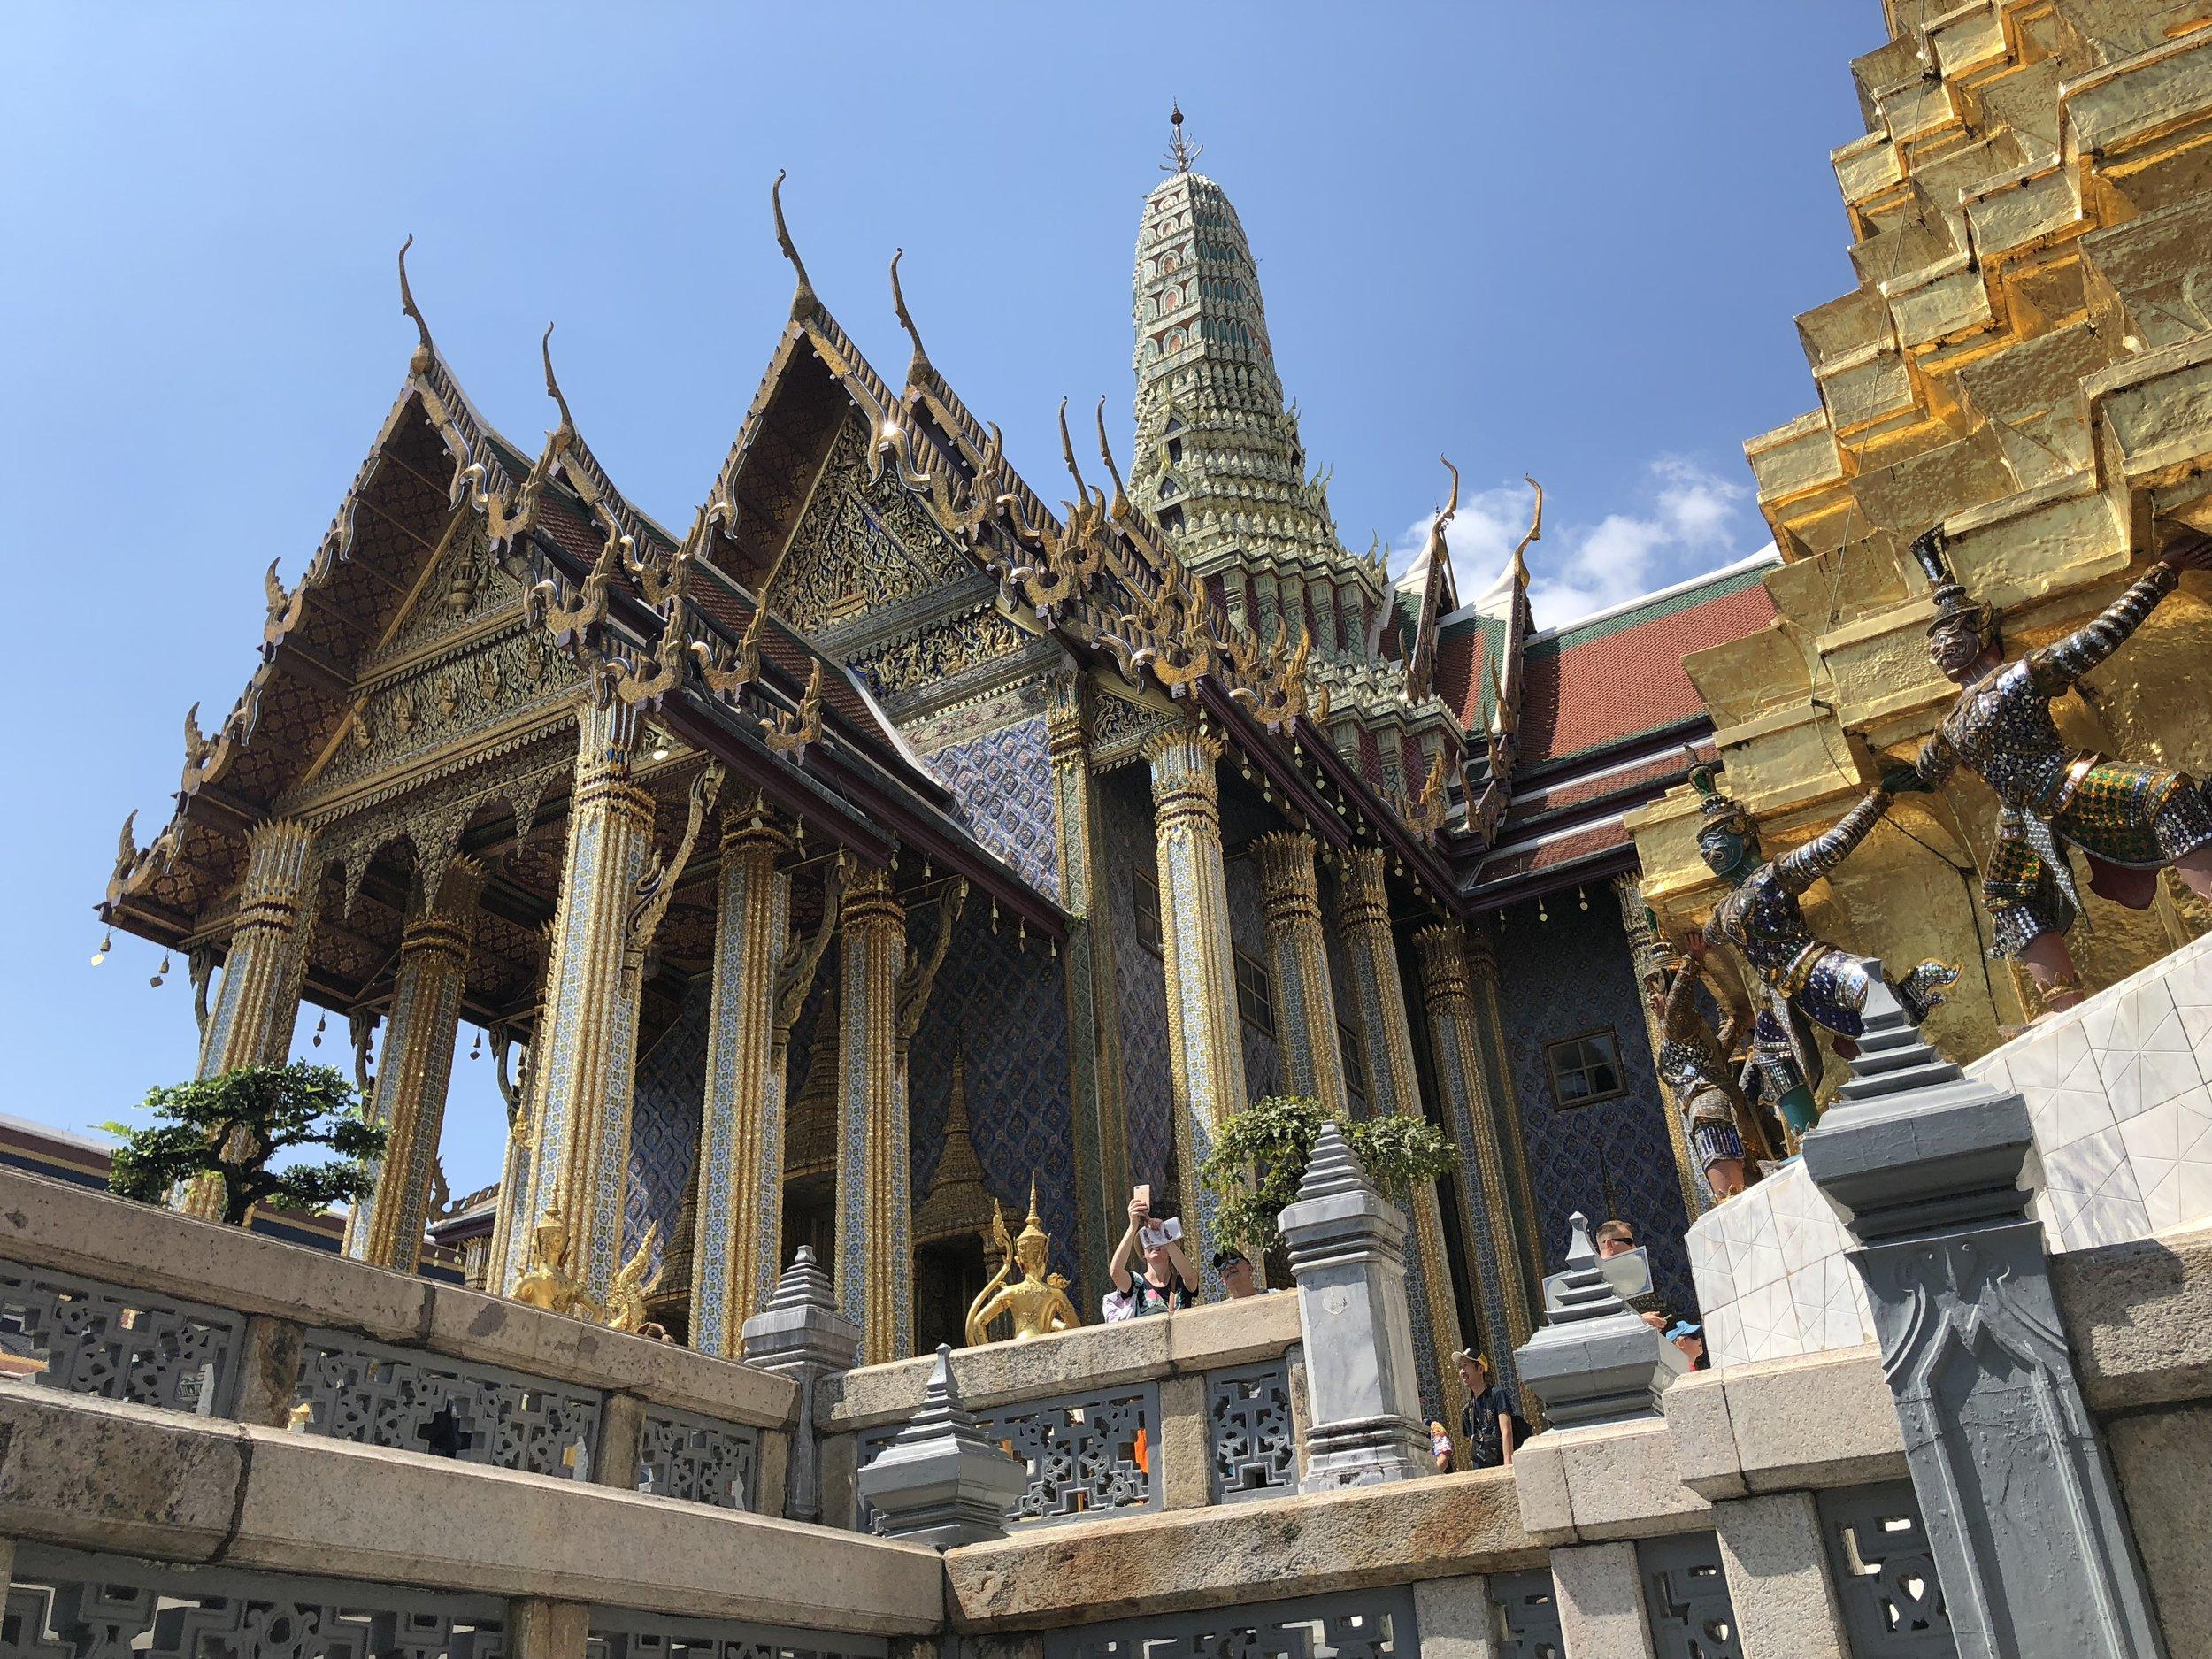 Una estructura hermosa adentro el complejo del Gran Palacio.